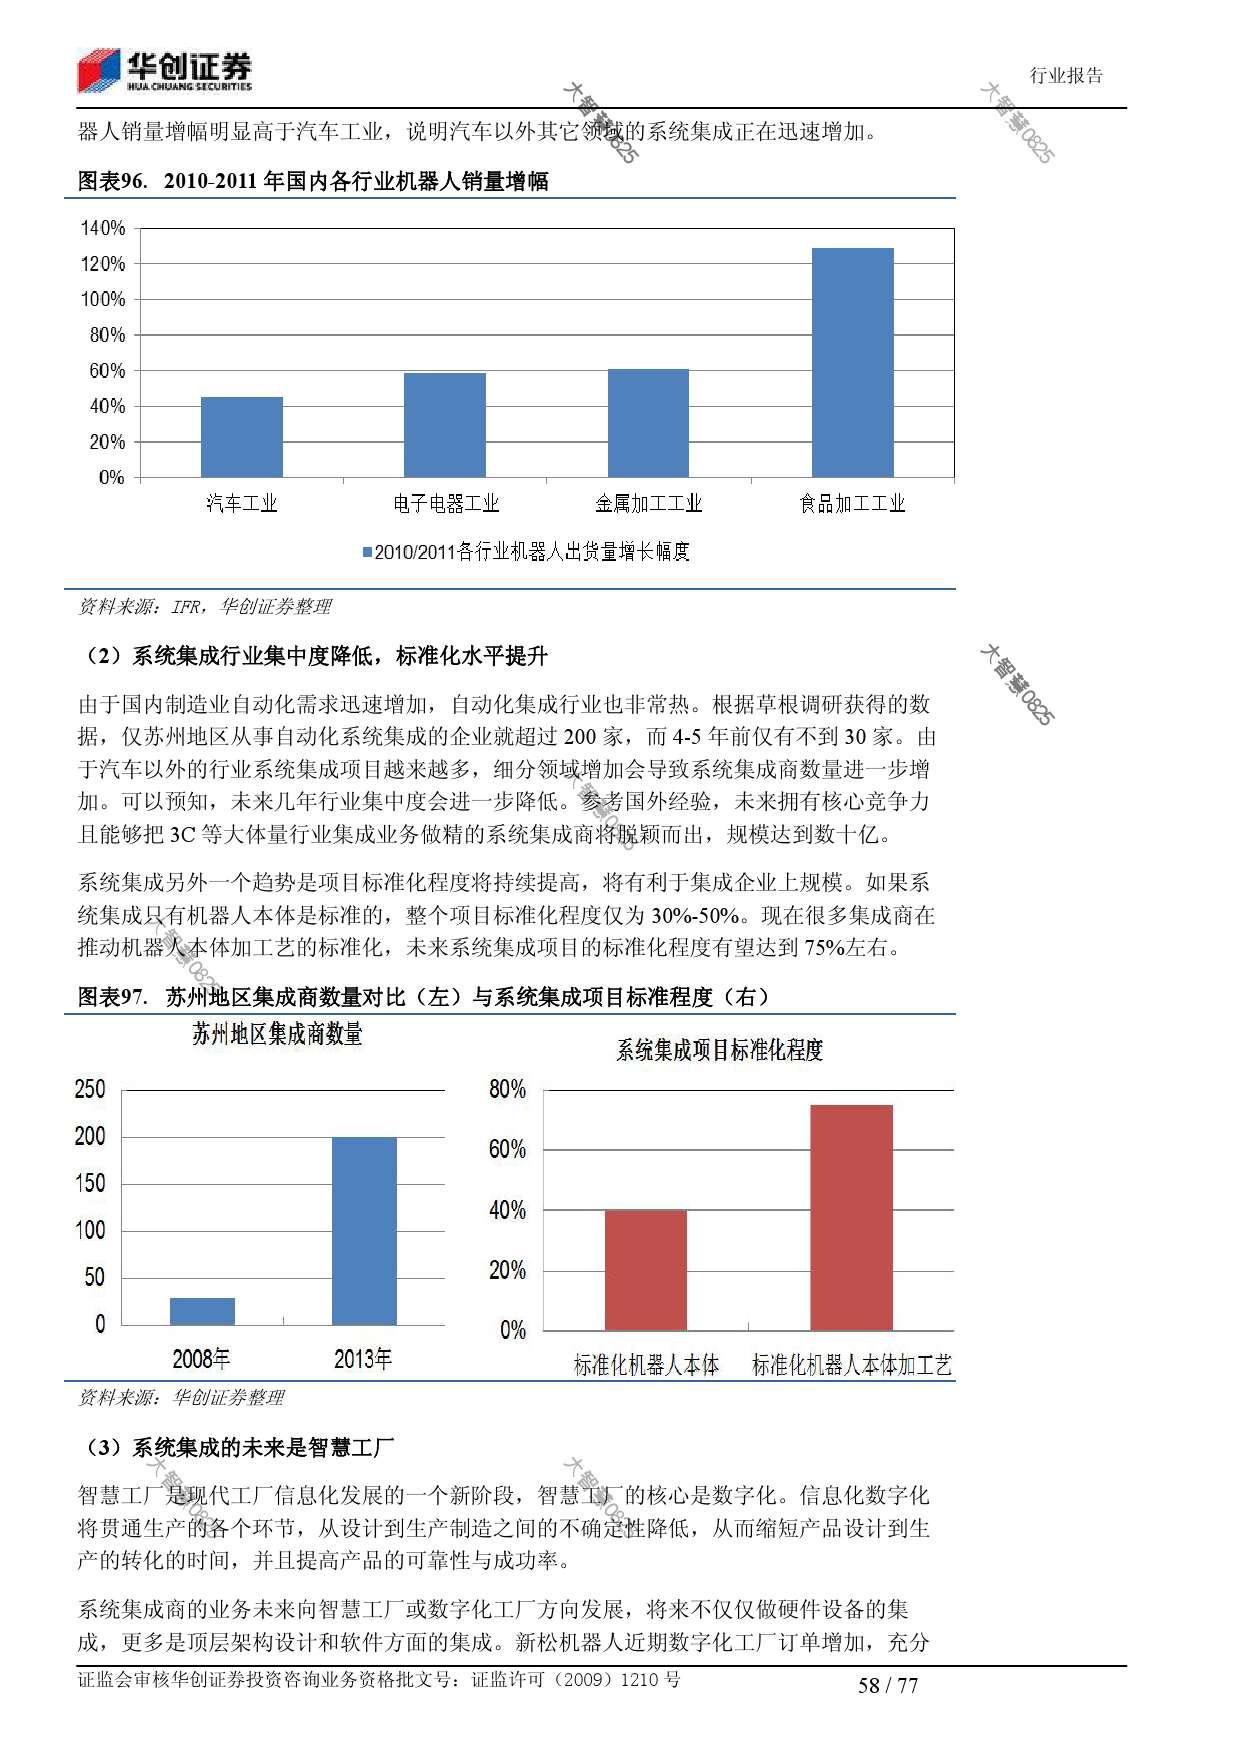 行业研究_华创证券_刘国清,鲁佩_机械设备:机器人大趋势_2014021_000058